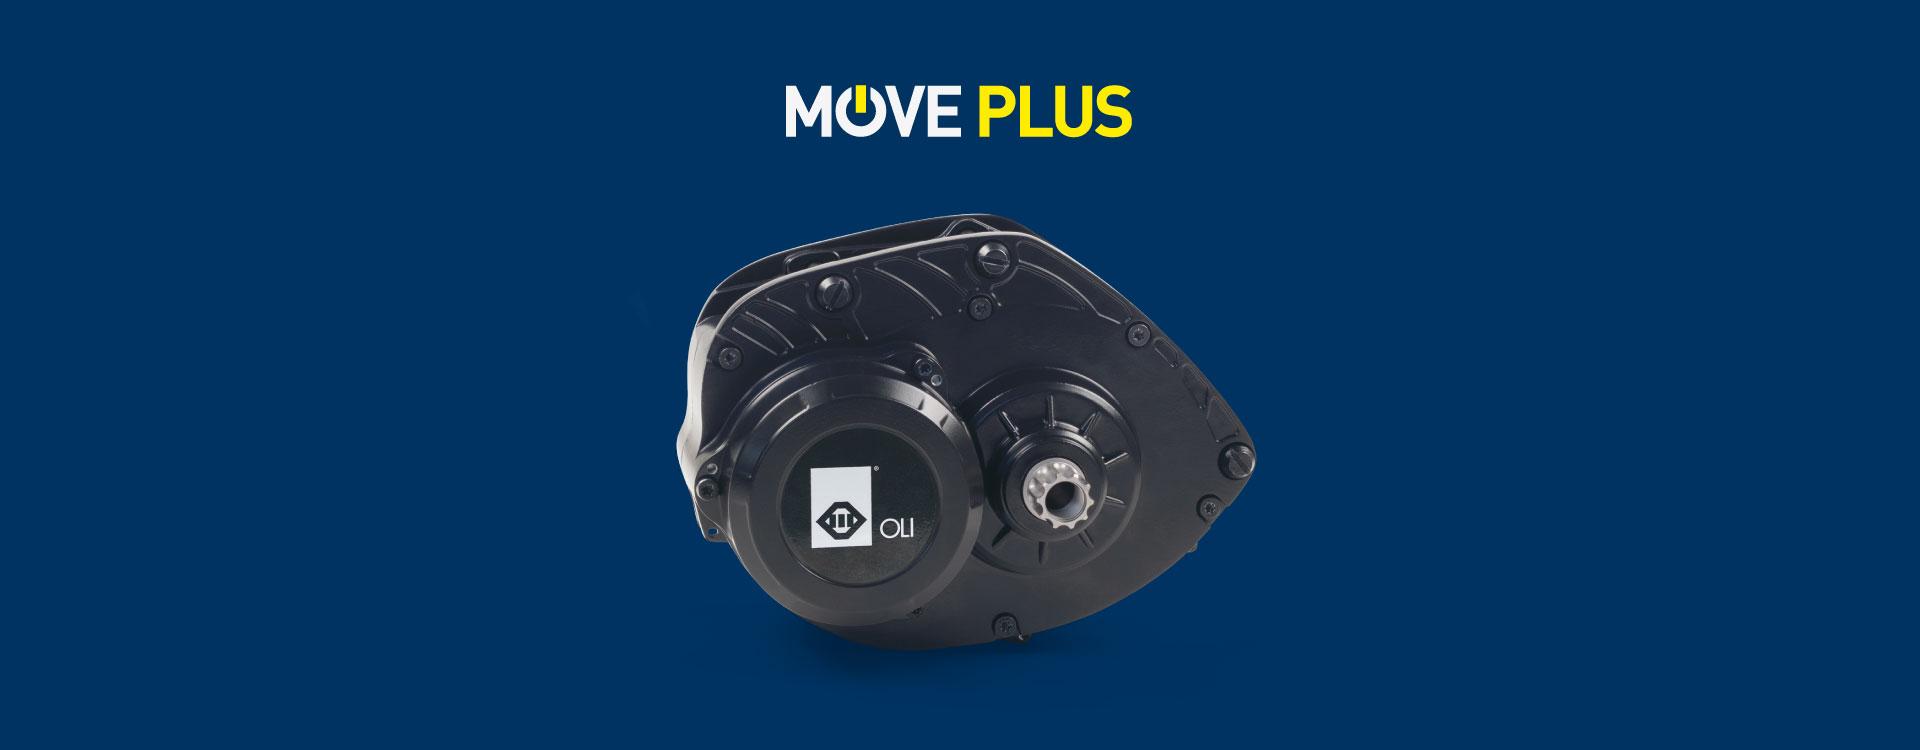 Elektrokolo Capriolo Volta 9.4 je vybavené motorem Oli Move Plus s torzním snímačem síly šlapání a řídící jednotkou pro regulací výkonu.